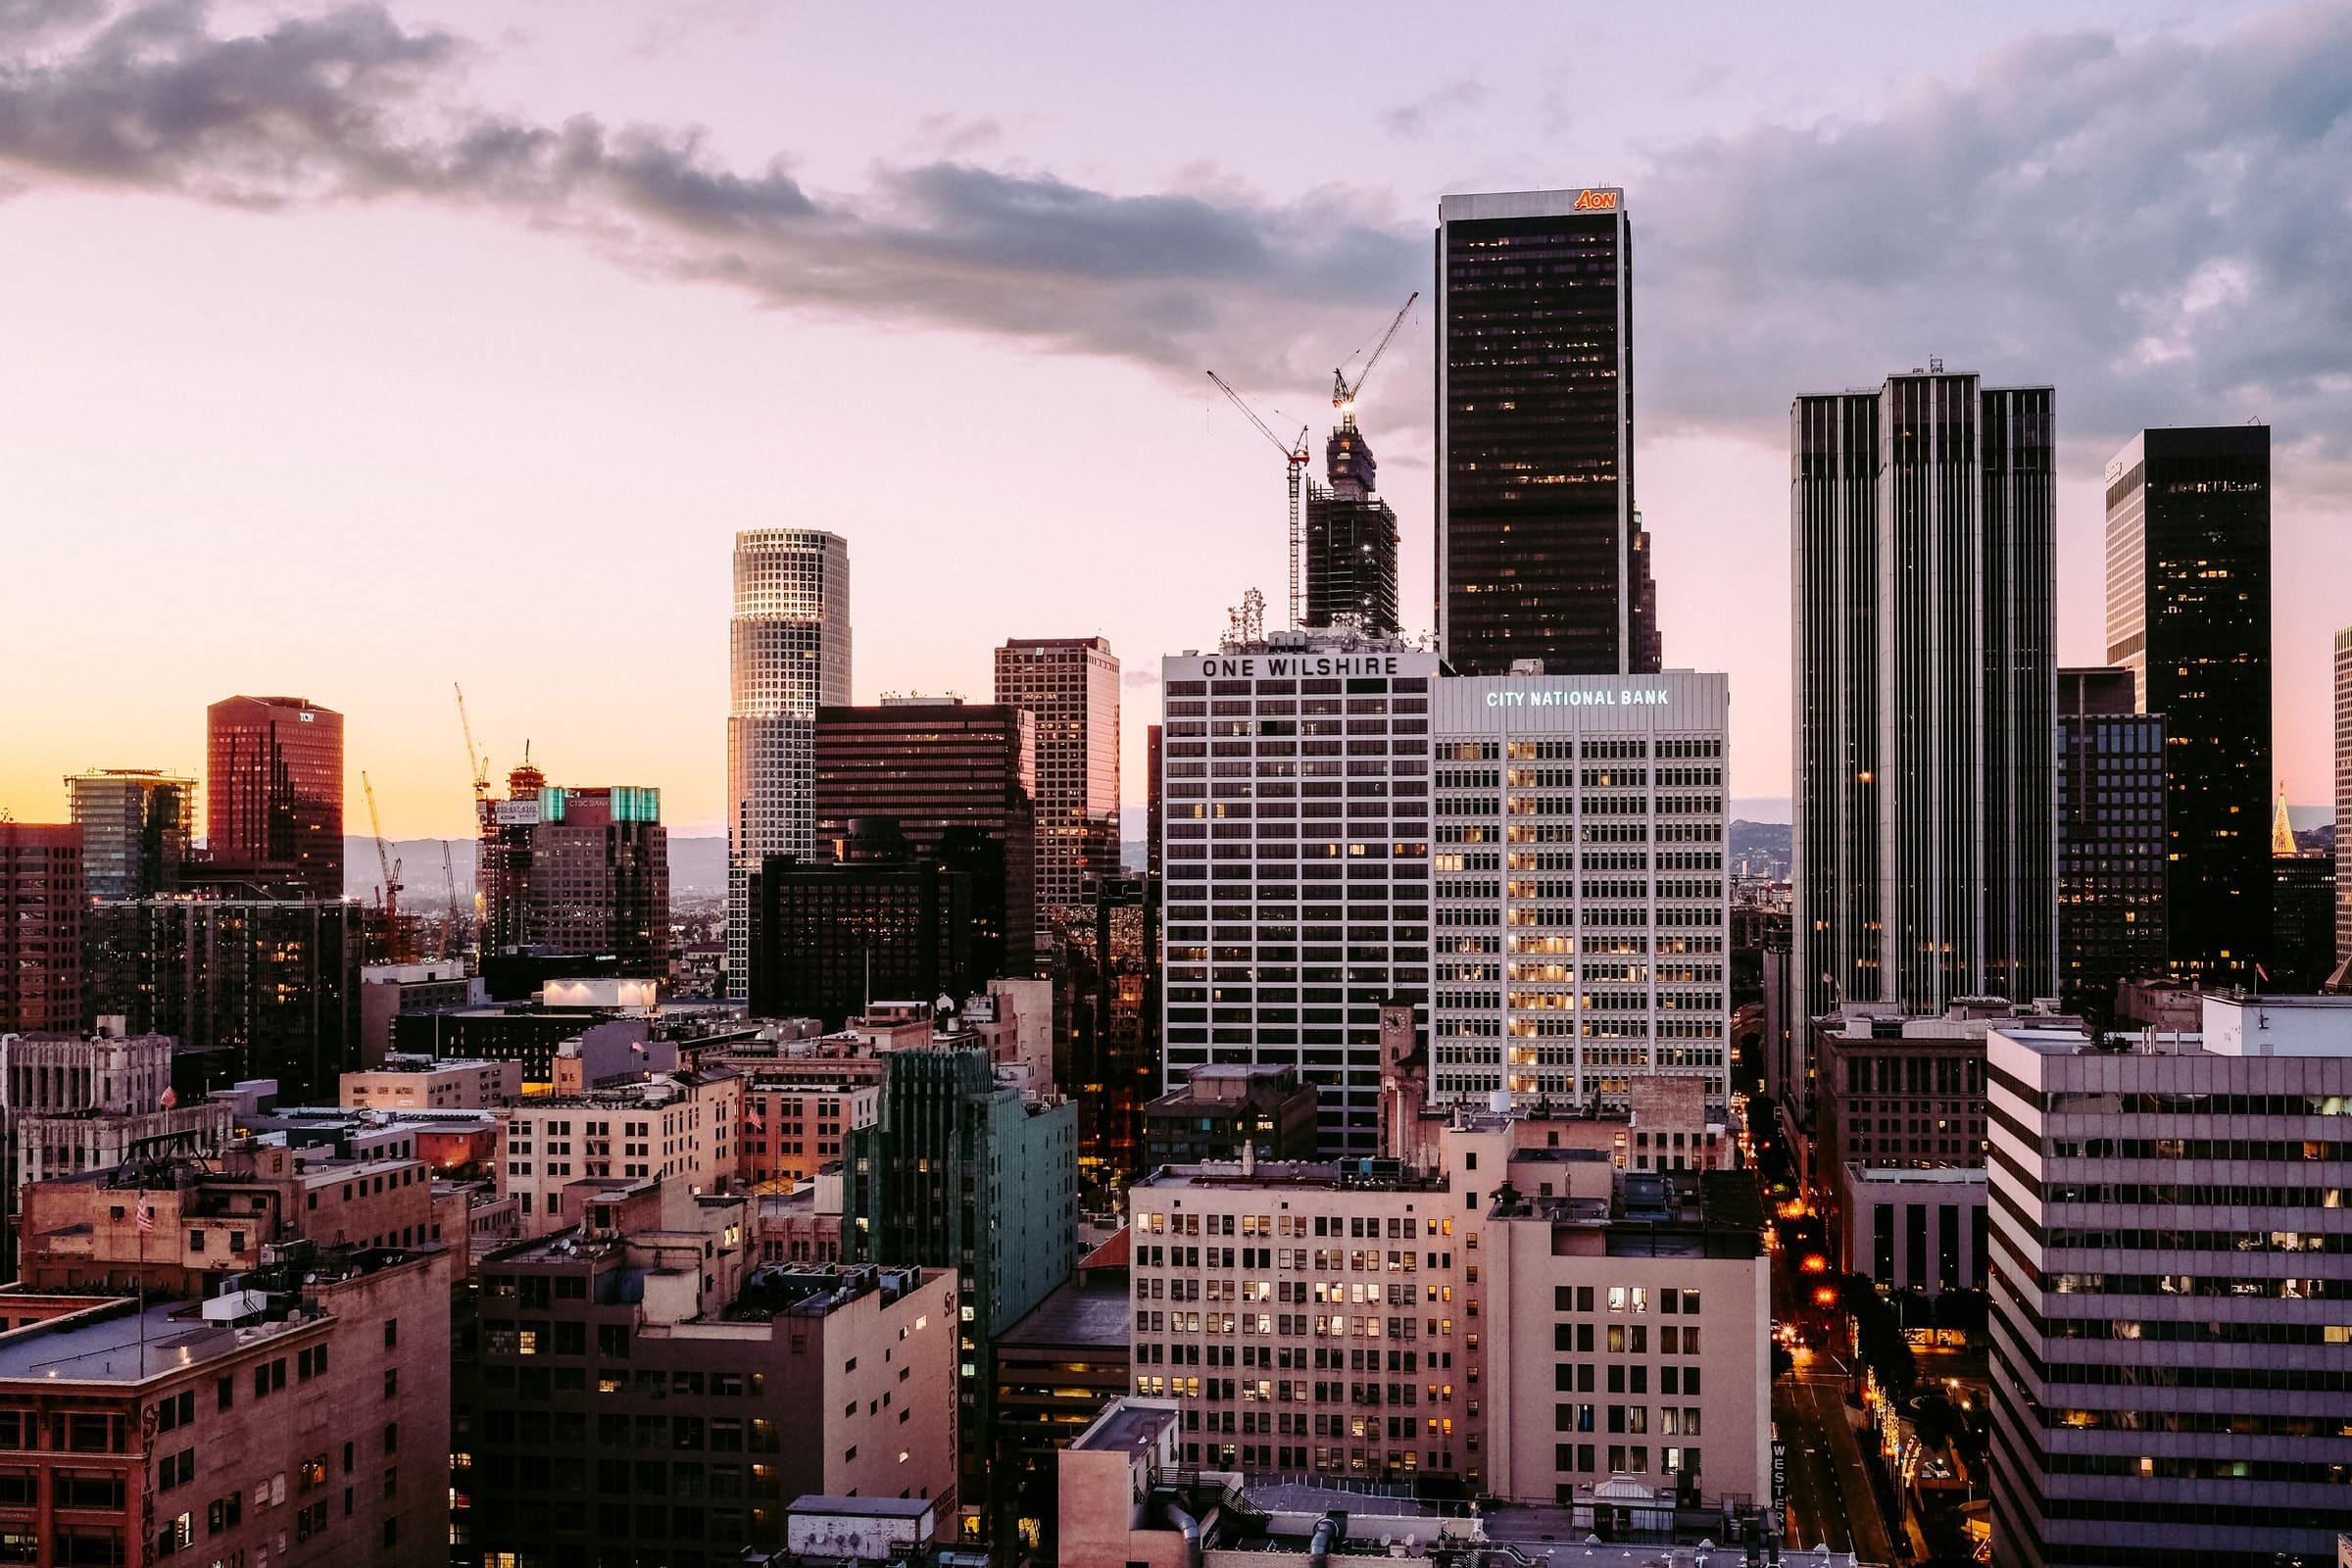 Metropolitan cities set to drive job creation: Survey